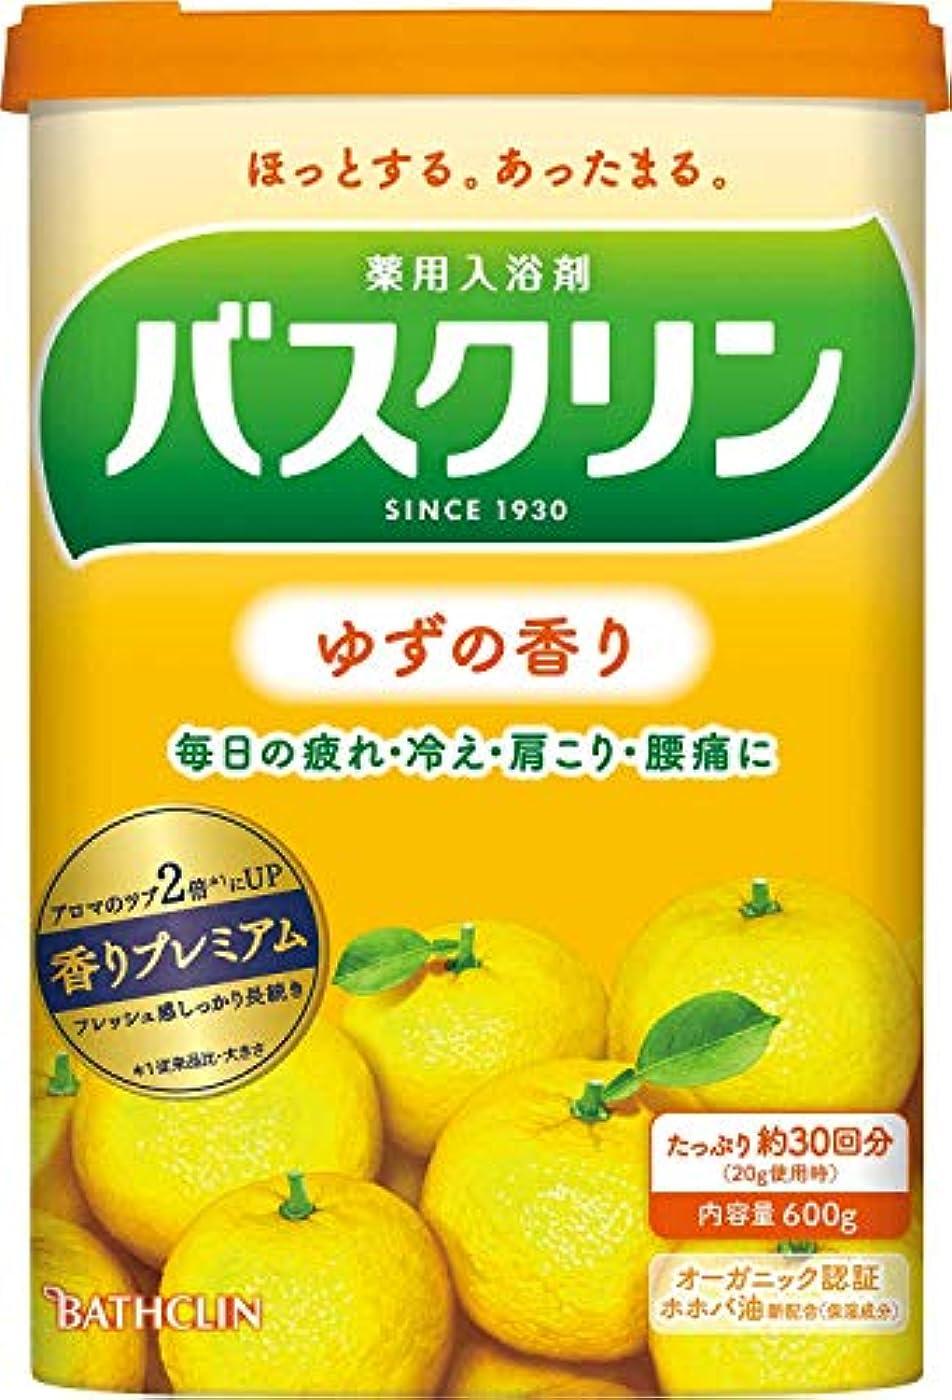 であるサスティーンキュービック【医薬部外品】バスクリン入浴剤 ゆずの香り600g(約30回分) 疲労回復